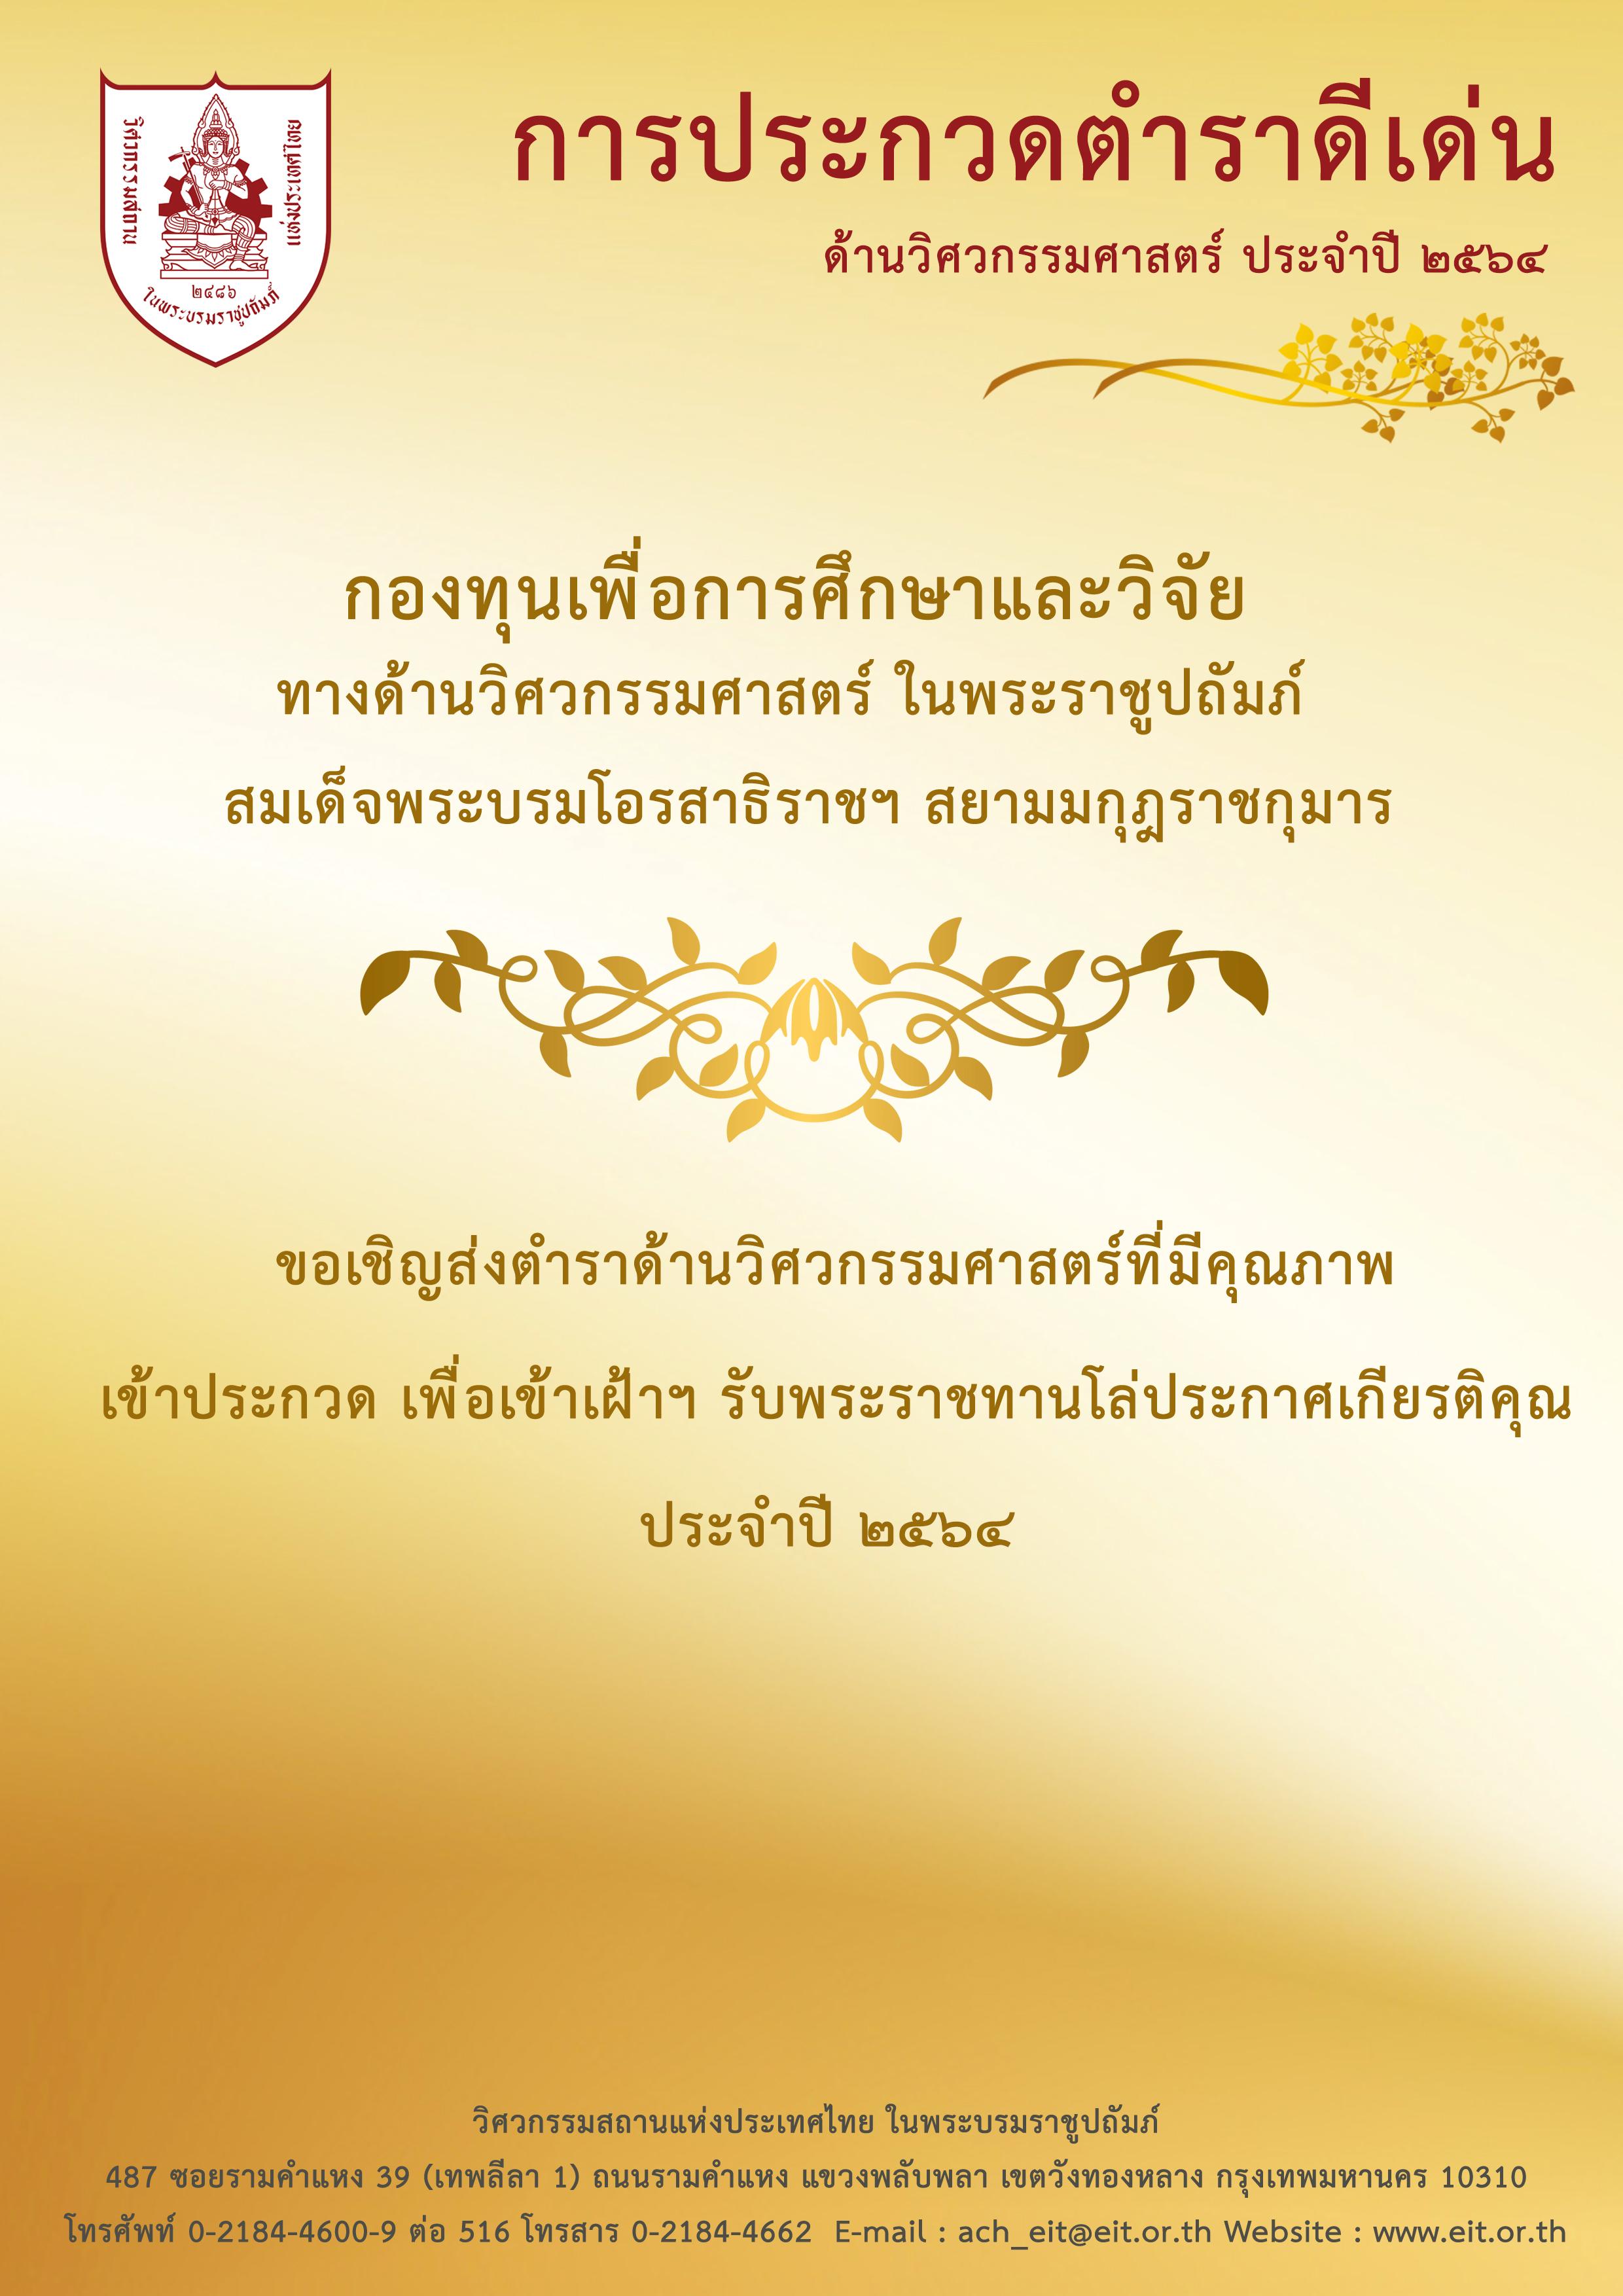 ด่วน! ขอเชิญส่งตำราภาษาไทย ที่มีคุณภาพด้านวิศวกรรมศาสตร์